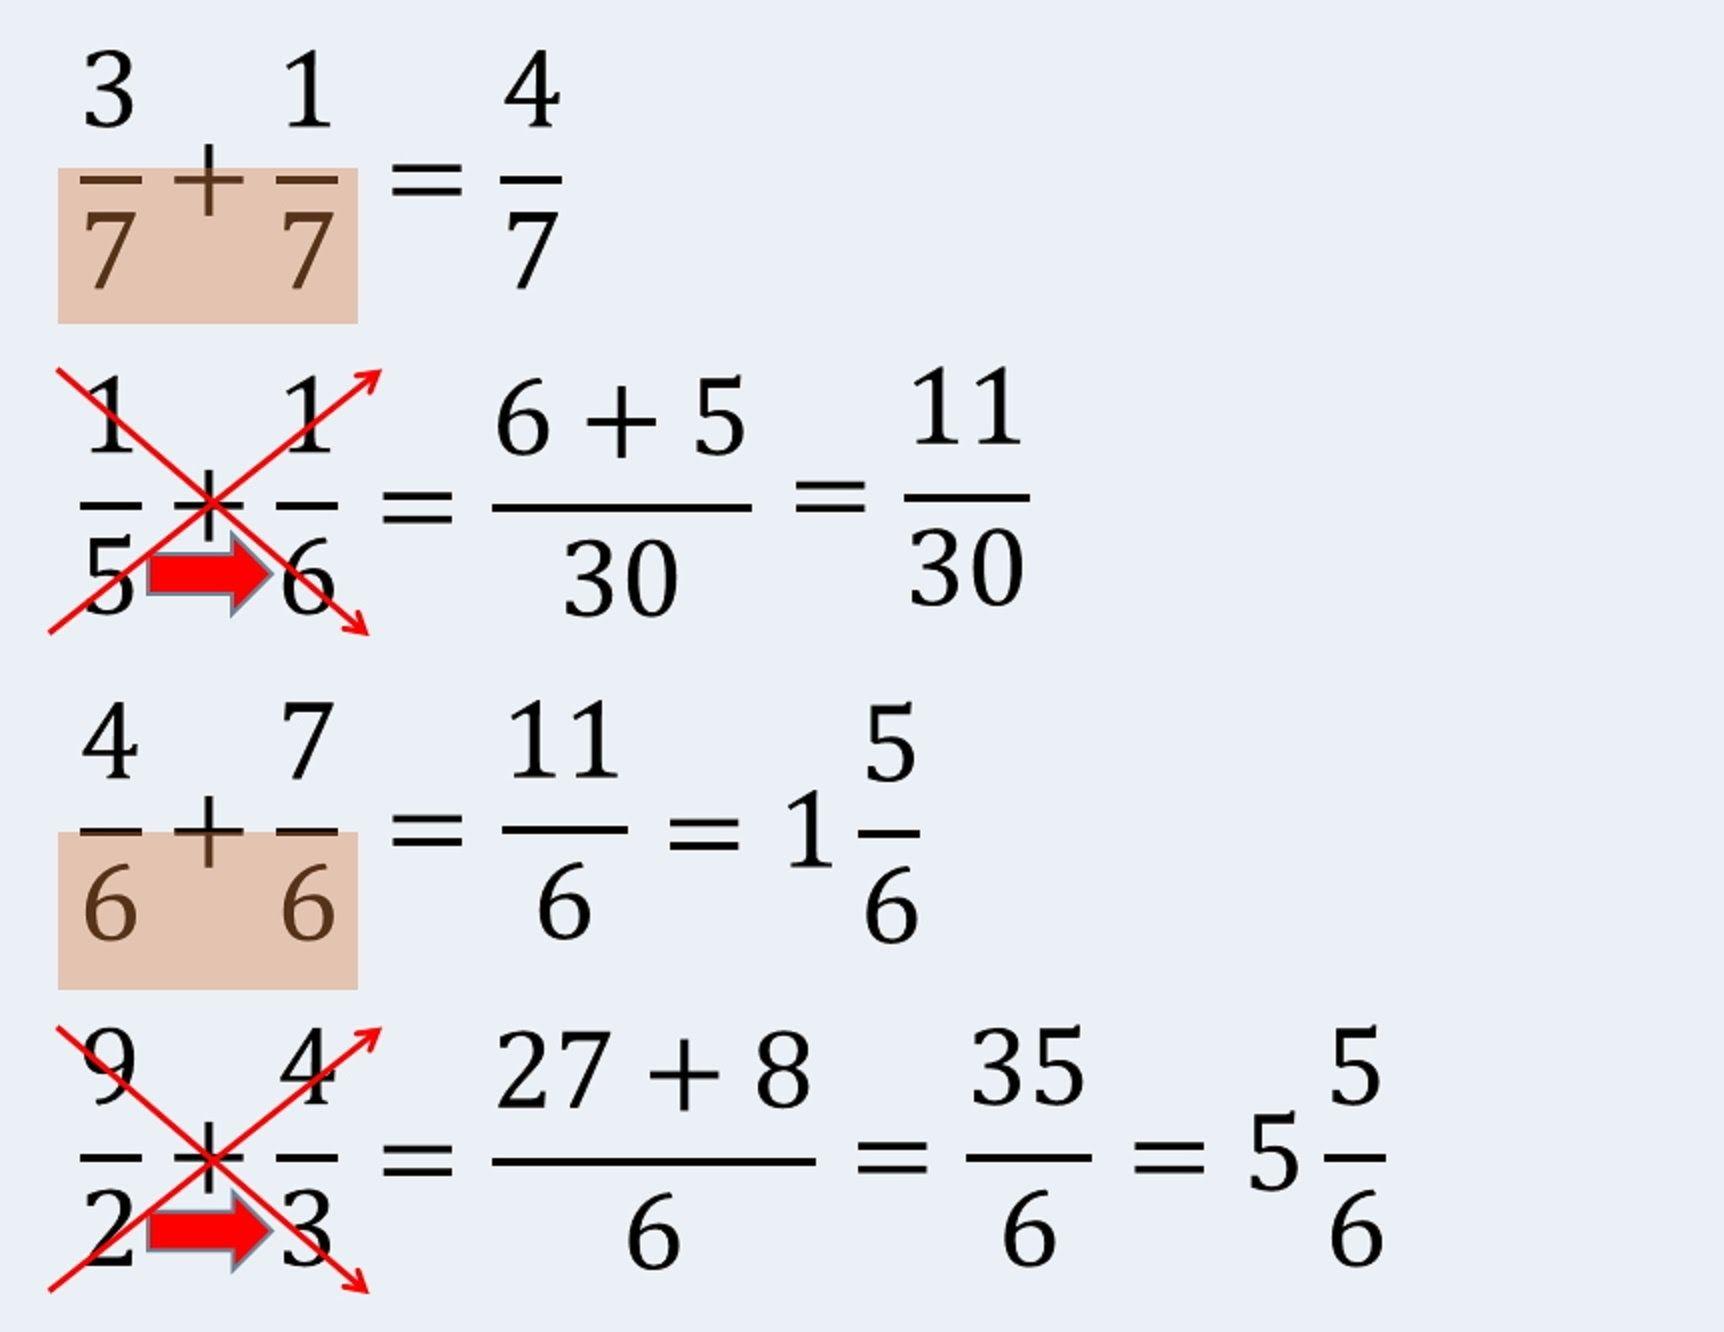 Aprende A Sumar Fracciones Con Diferente Denominador Con La Ayuda De Este Vídeo Oficial Web Site Http X Matematicas Fracciones Resta De Fracciones Fracciones